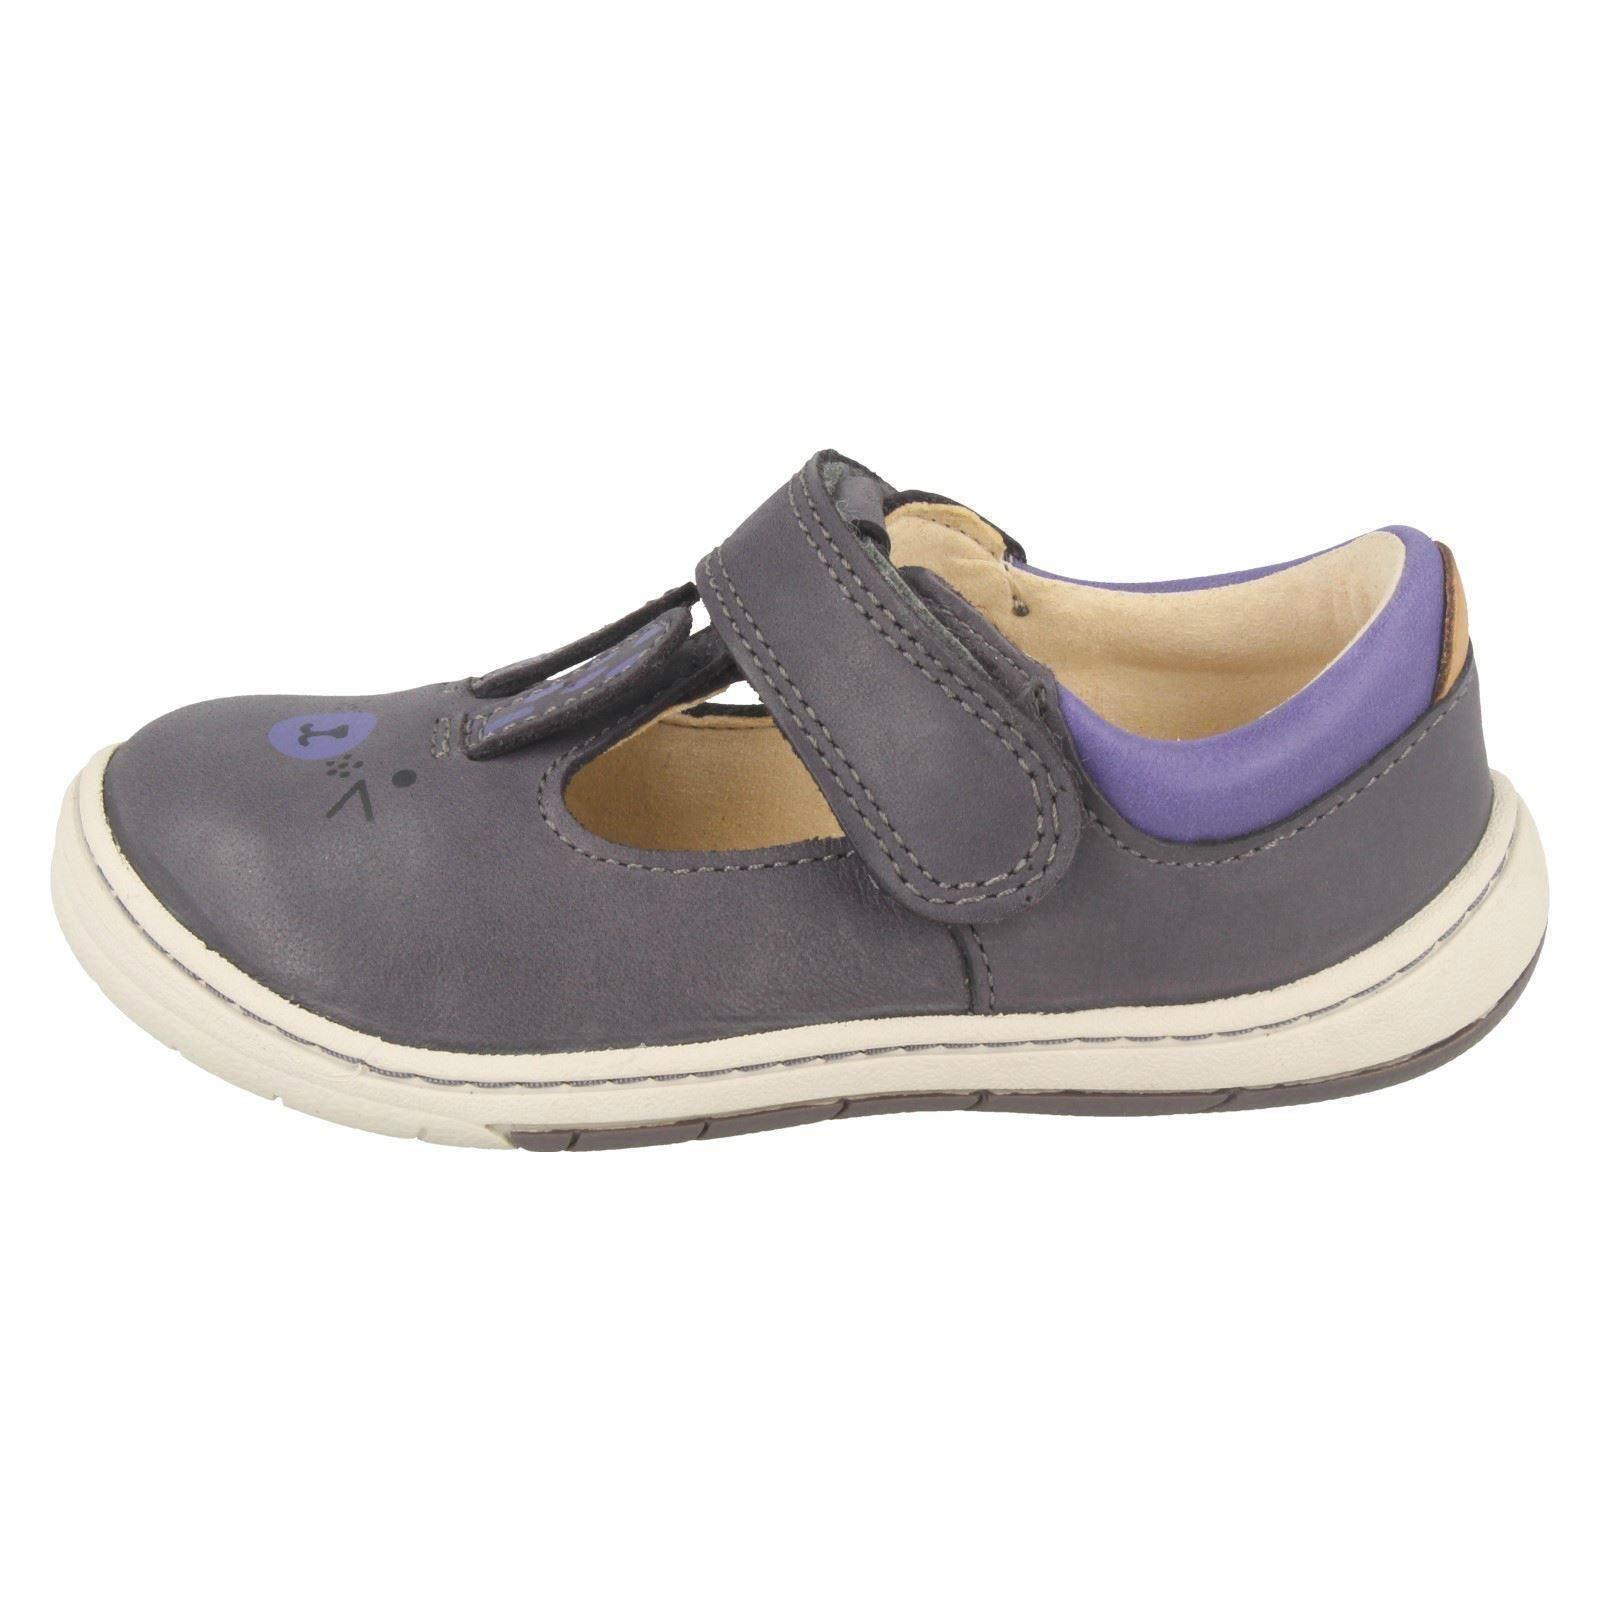 Infantil Chicas Clarks Zapatos Puntera De redondeado con diseño de conejo primero-Amelio Glo